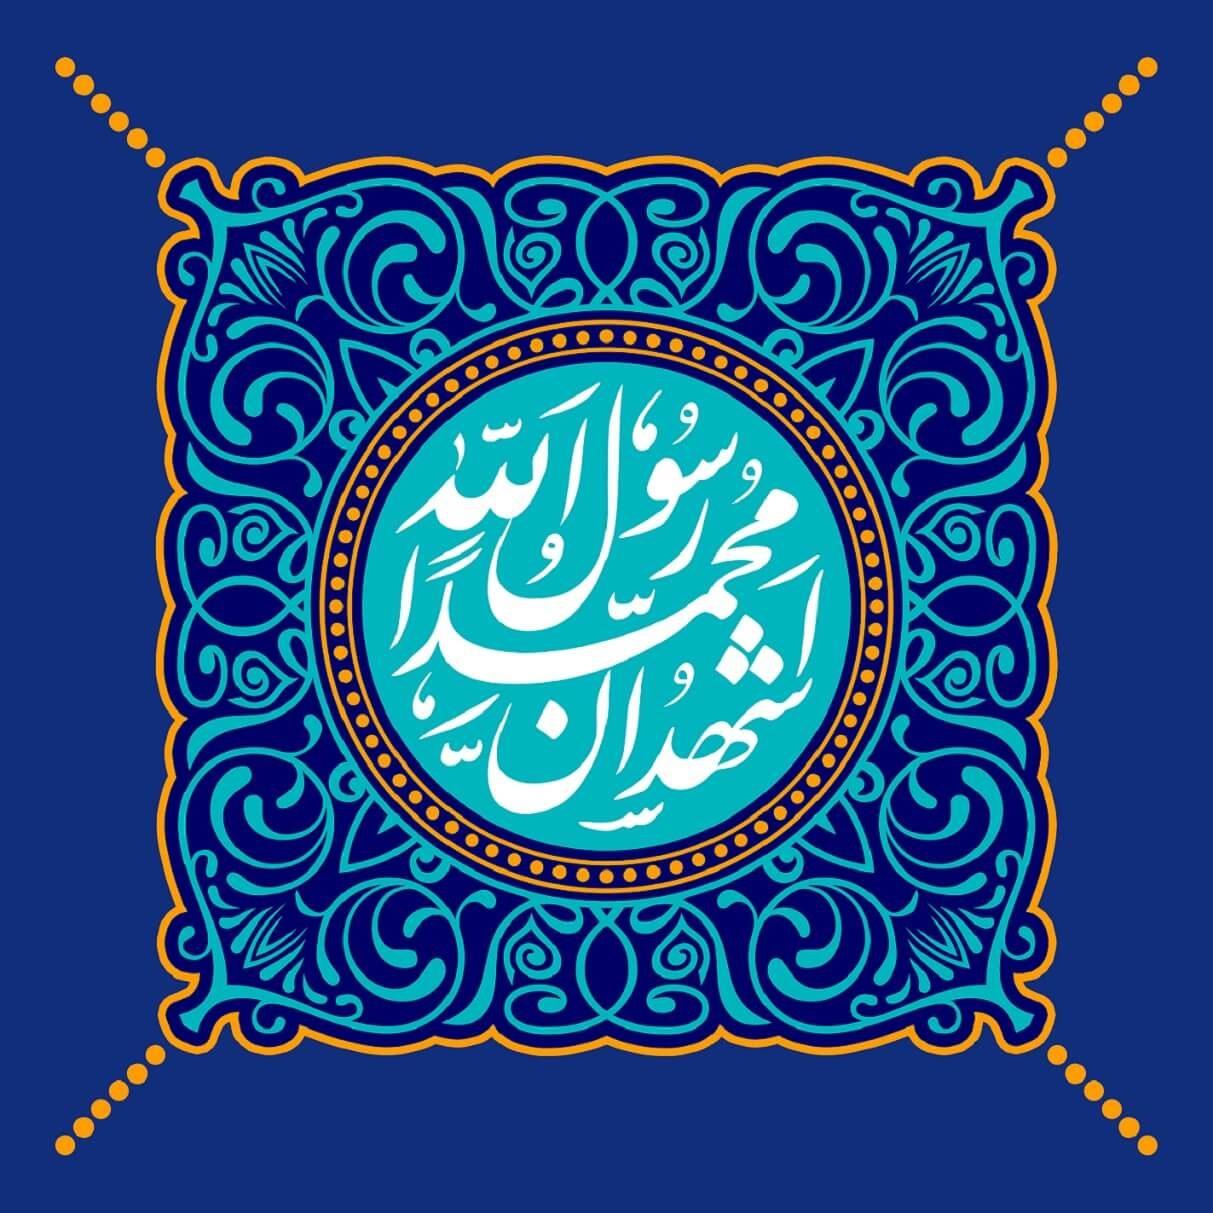 عکس نوشته تبریک مبعث رسول اکرم با کیفیت بالا